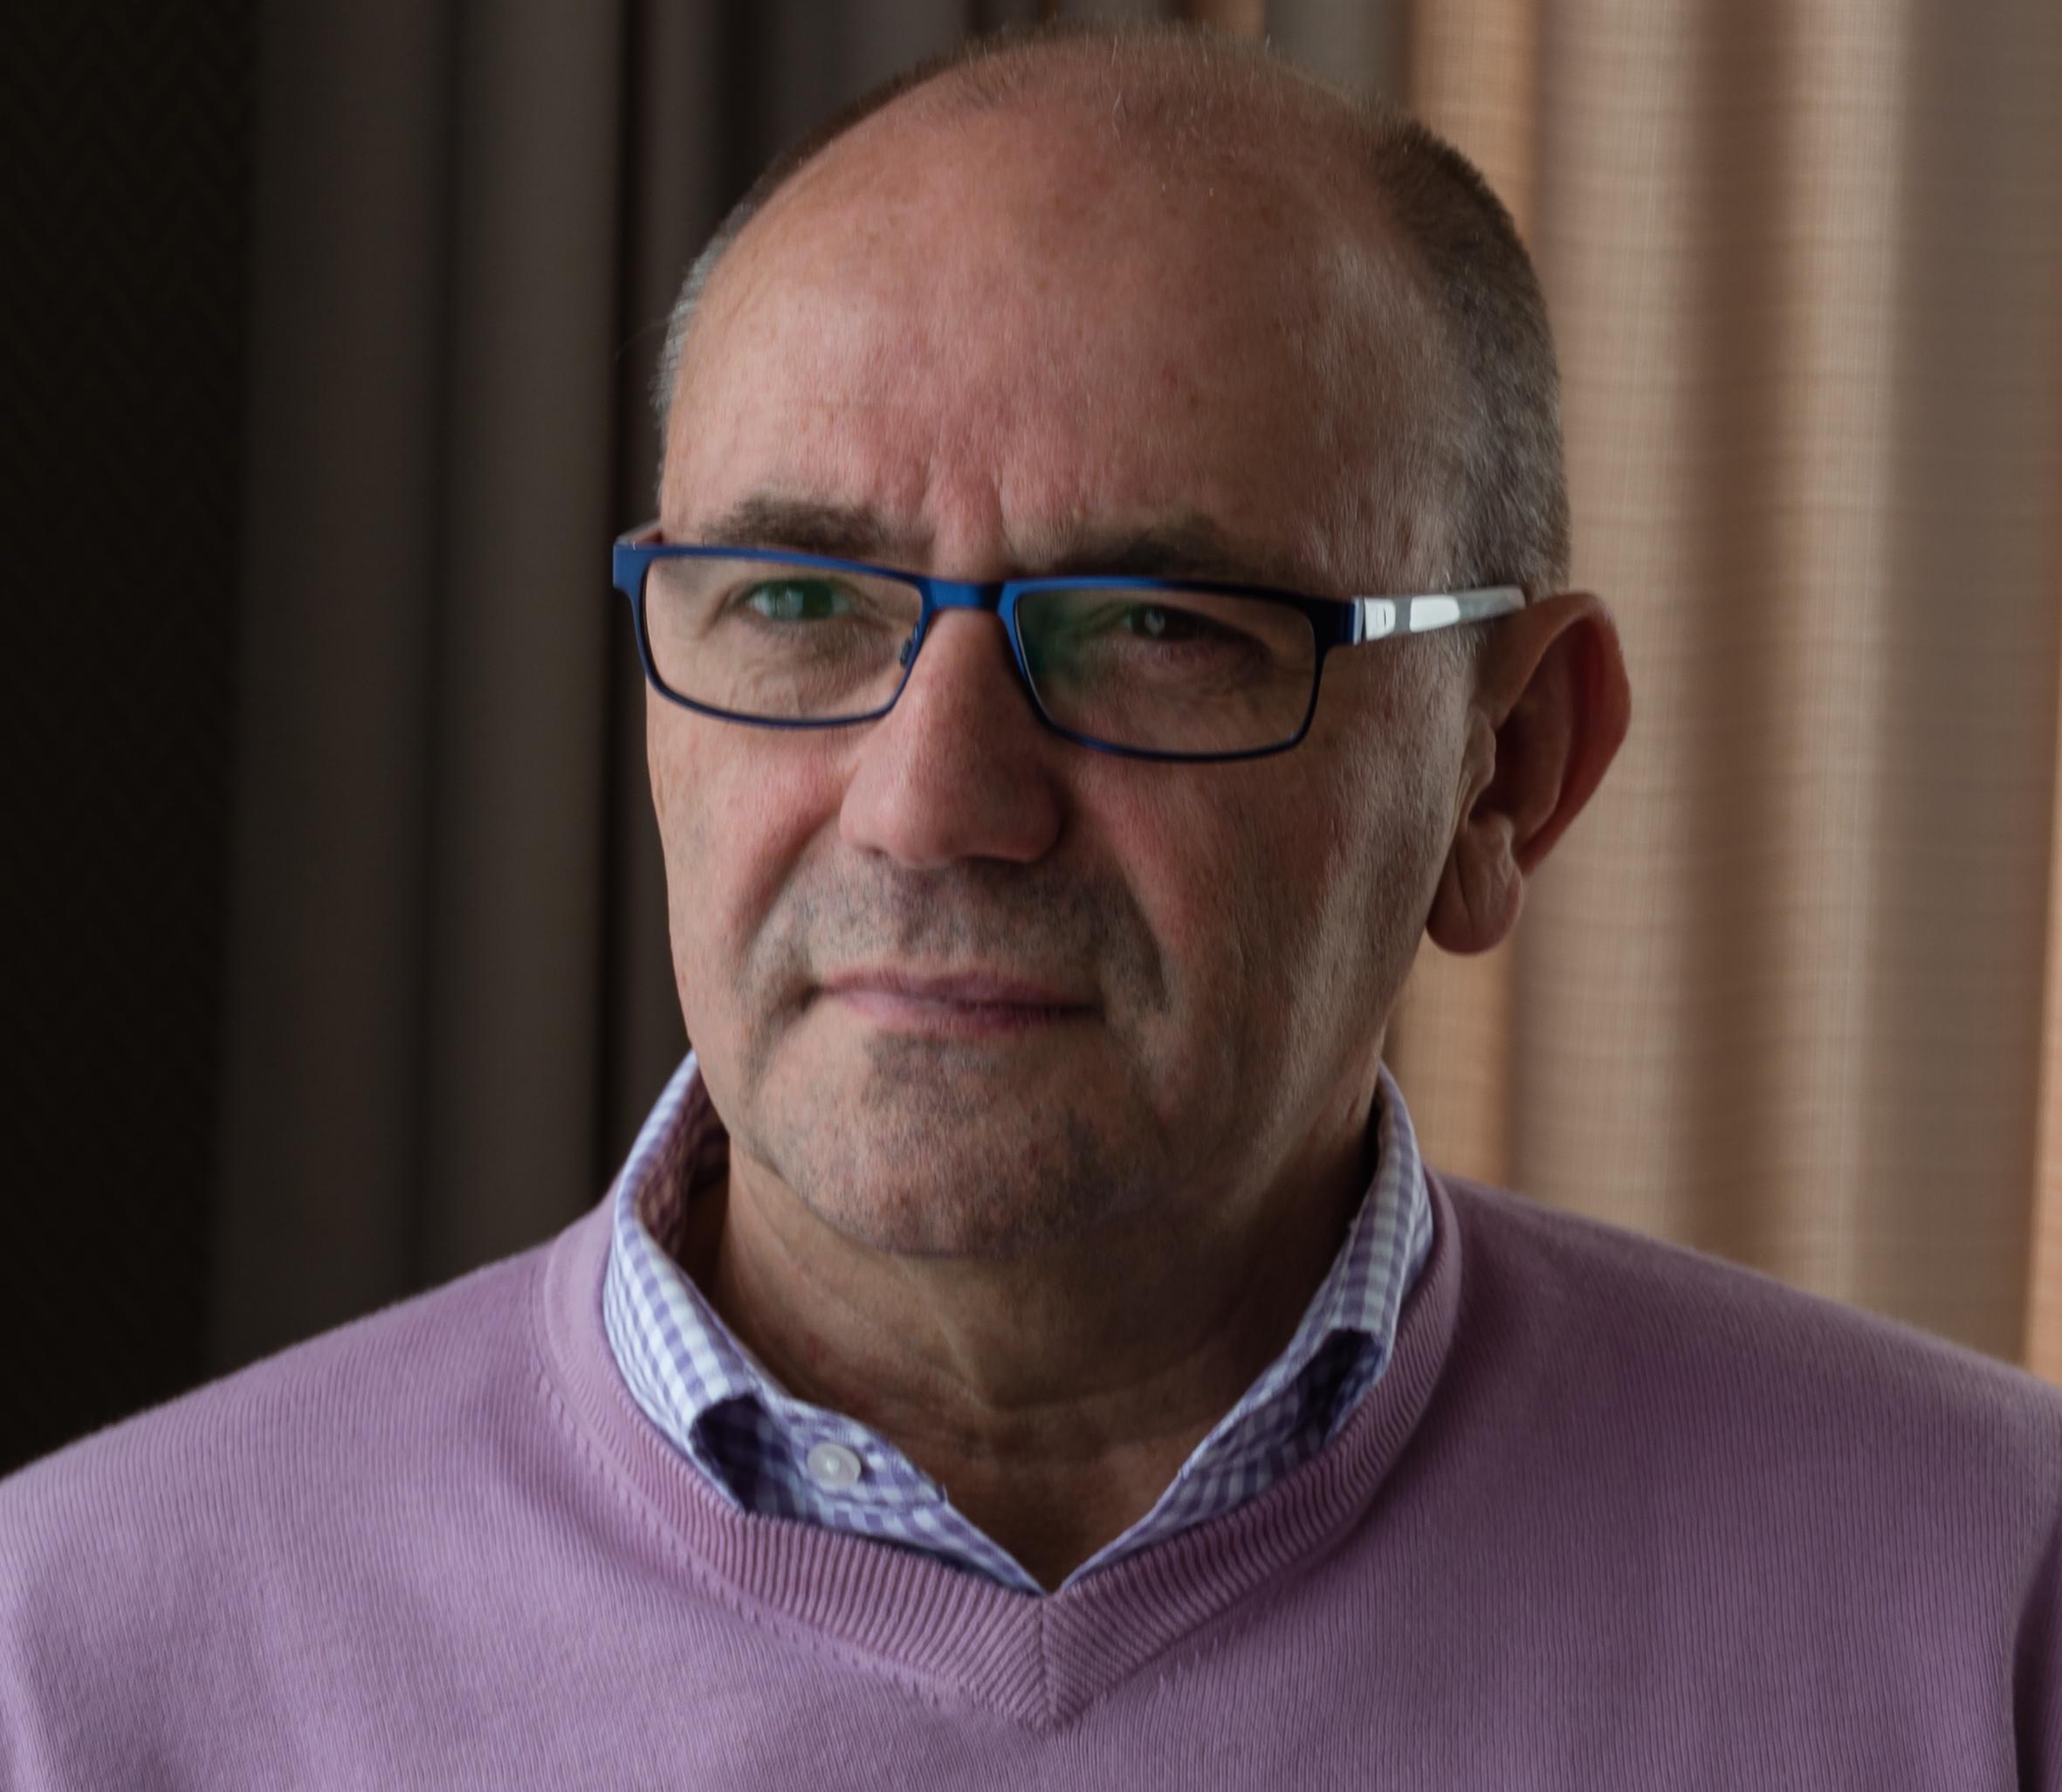 Kinderpsycholoog Ludo Driesen begeleidde al vaak kinderen in een vechtscheiding.